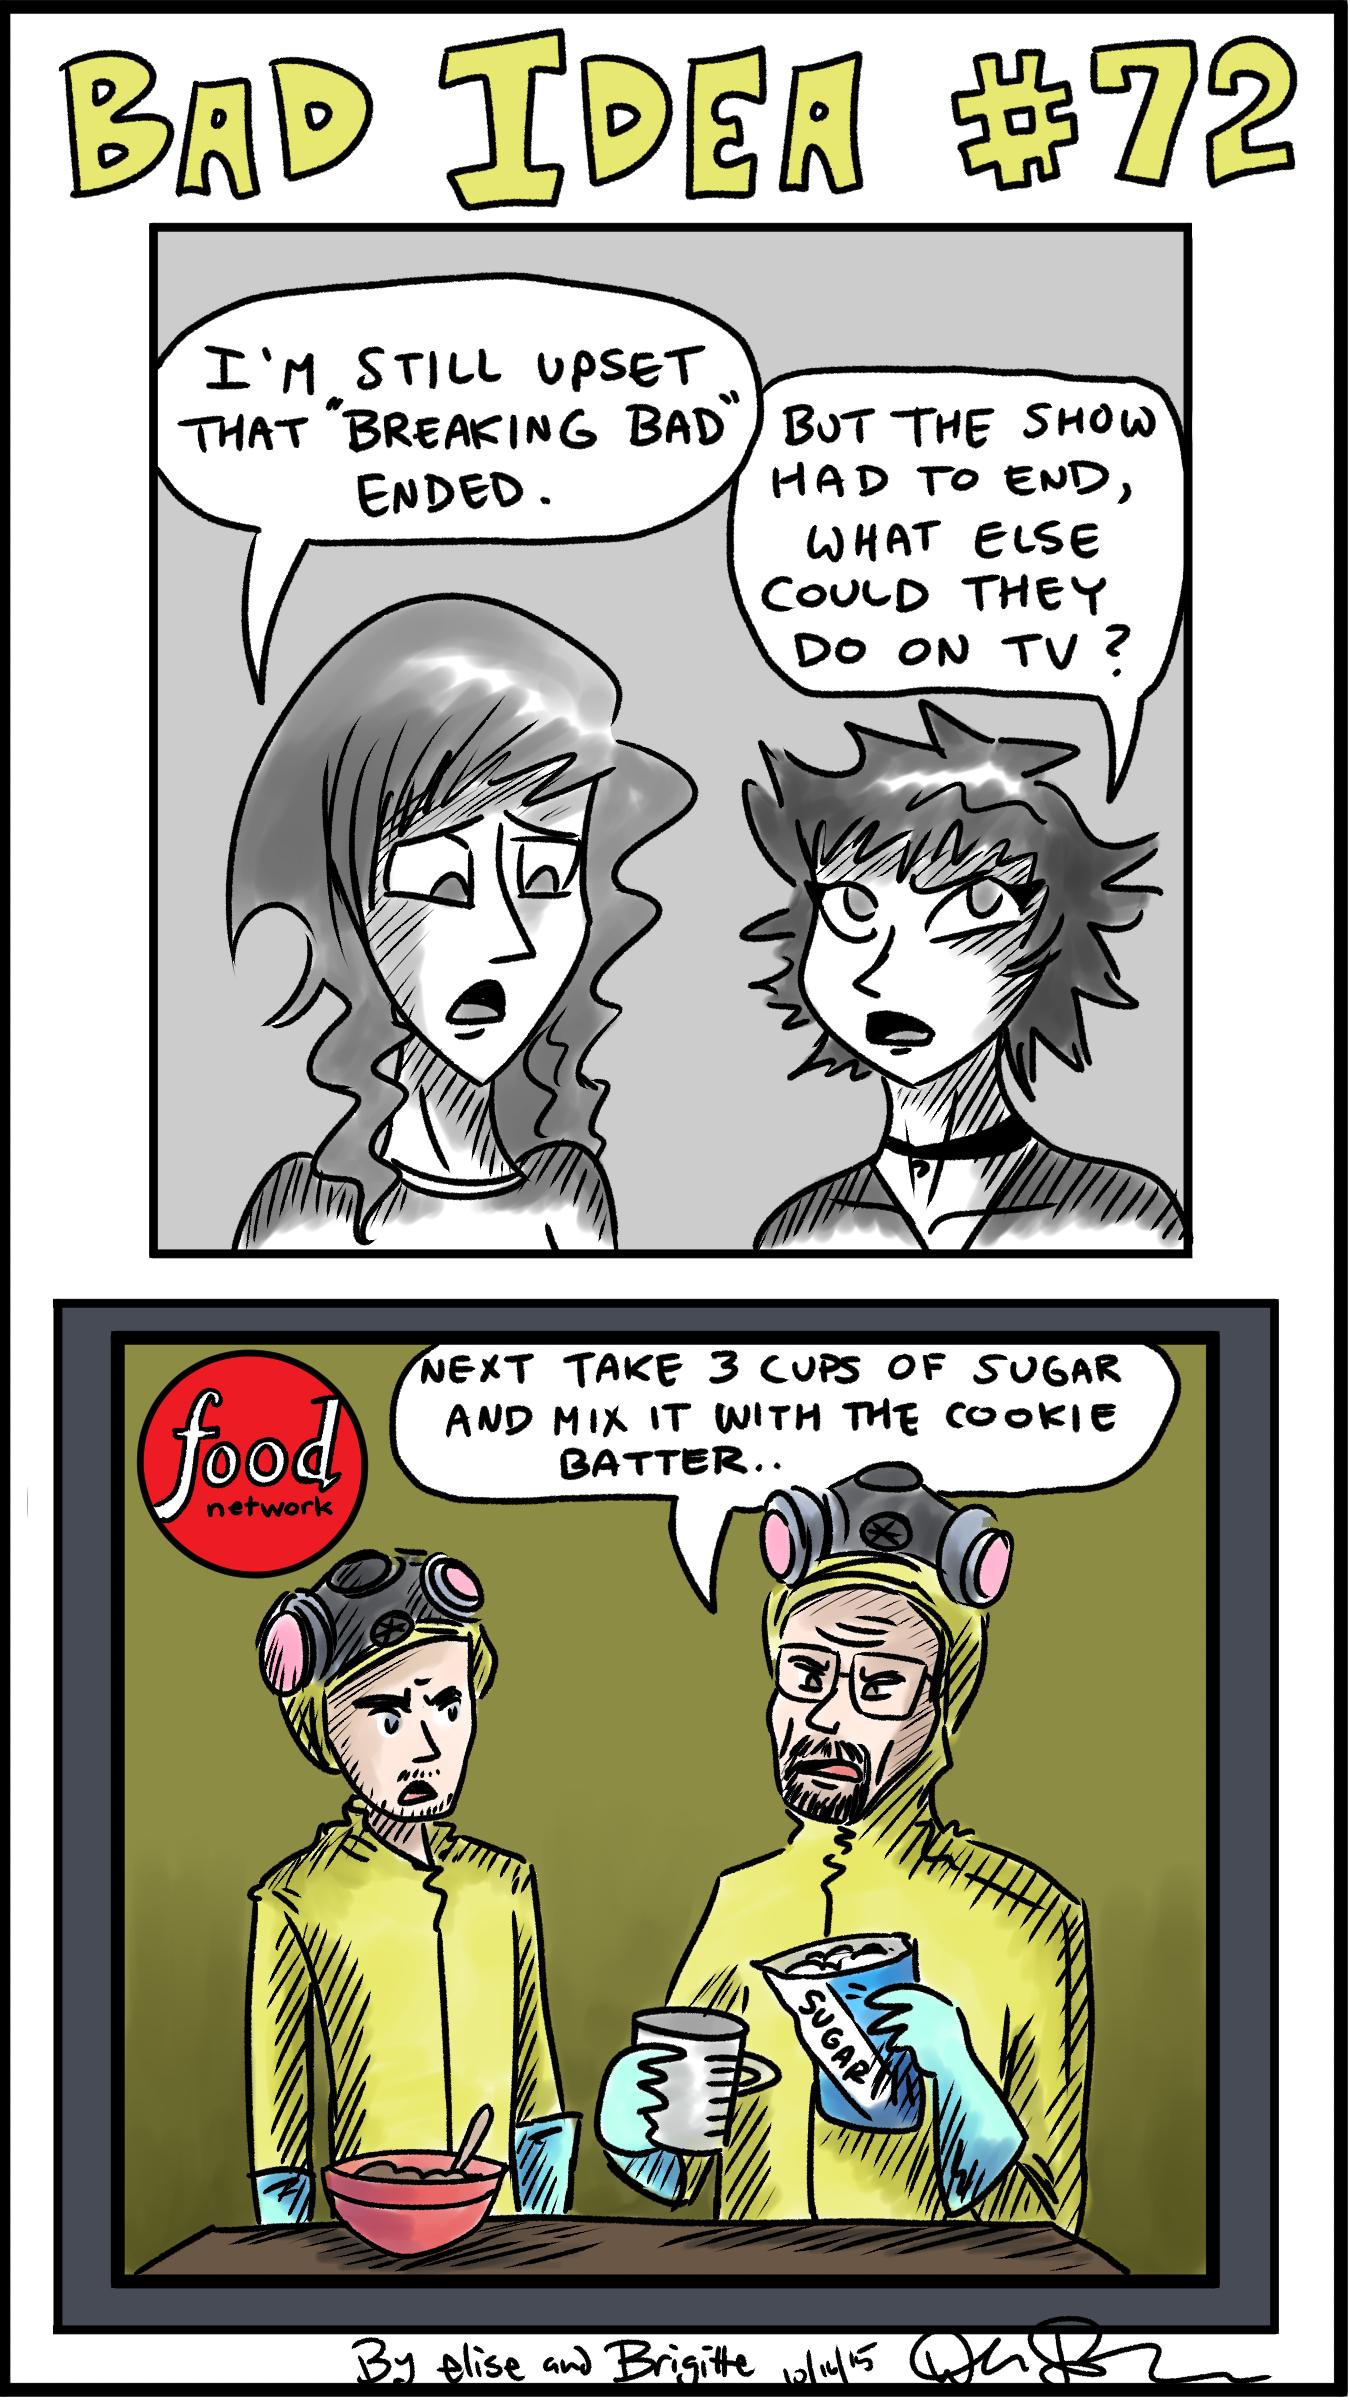 Bad Idea #72